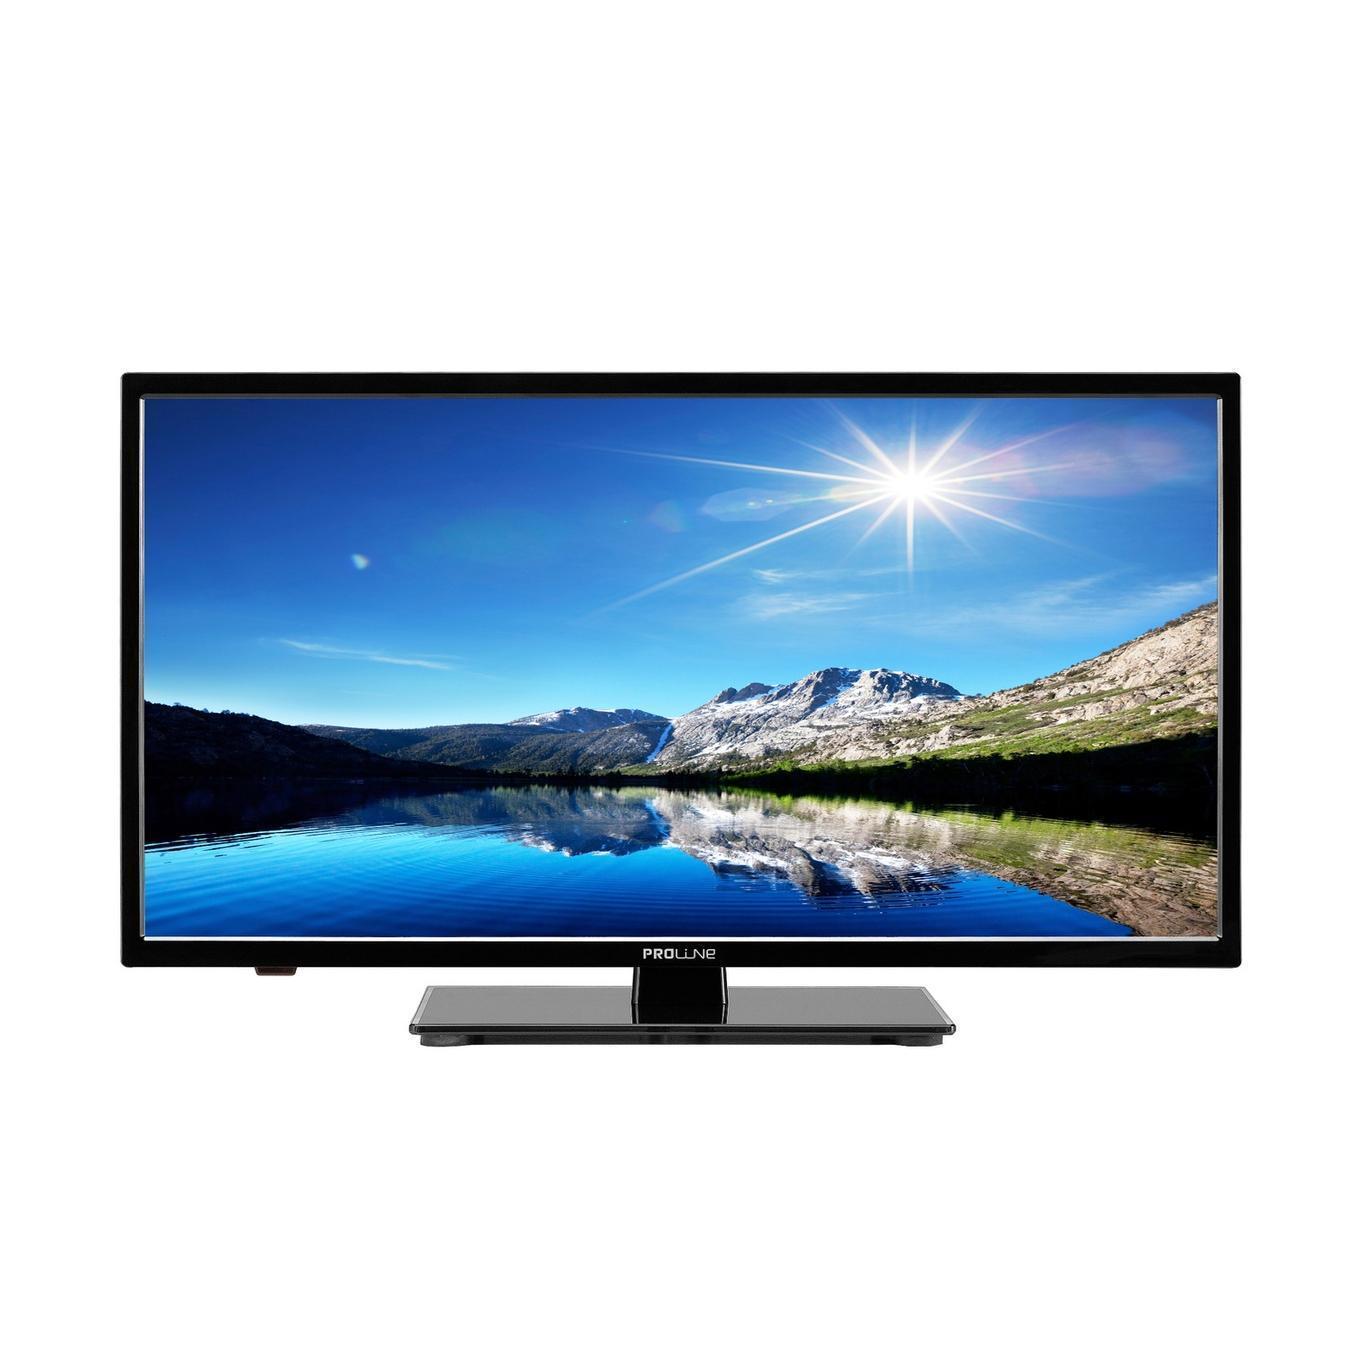 TV LED HDTV 49 cm Proline L2033HD